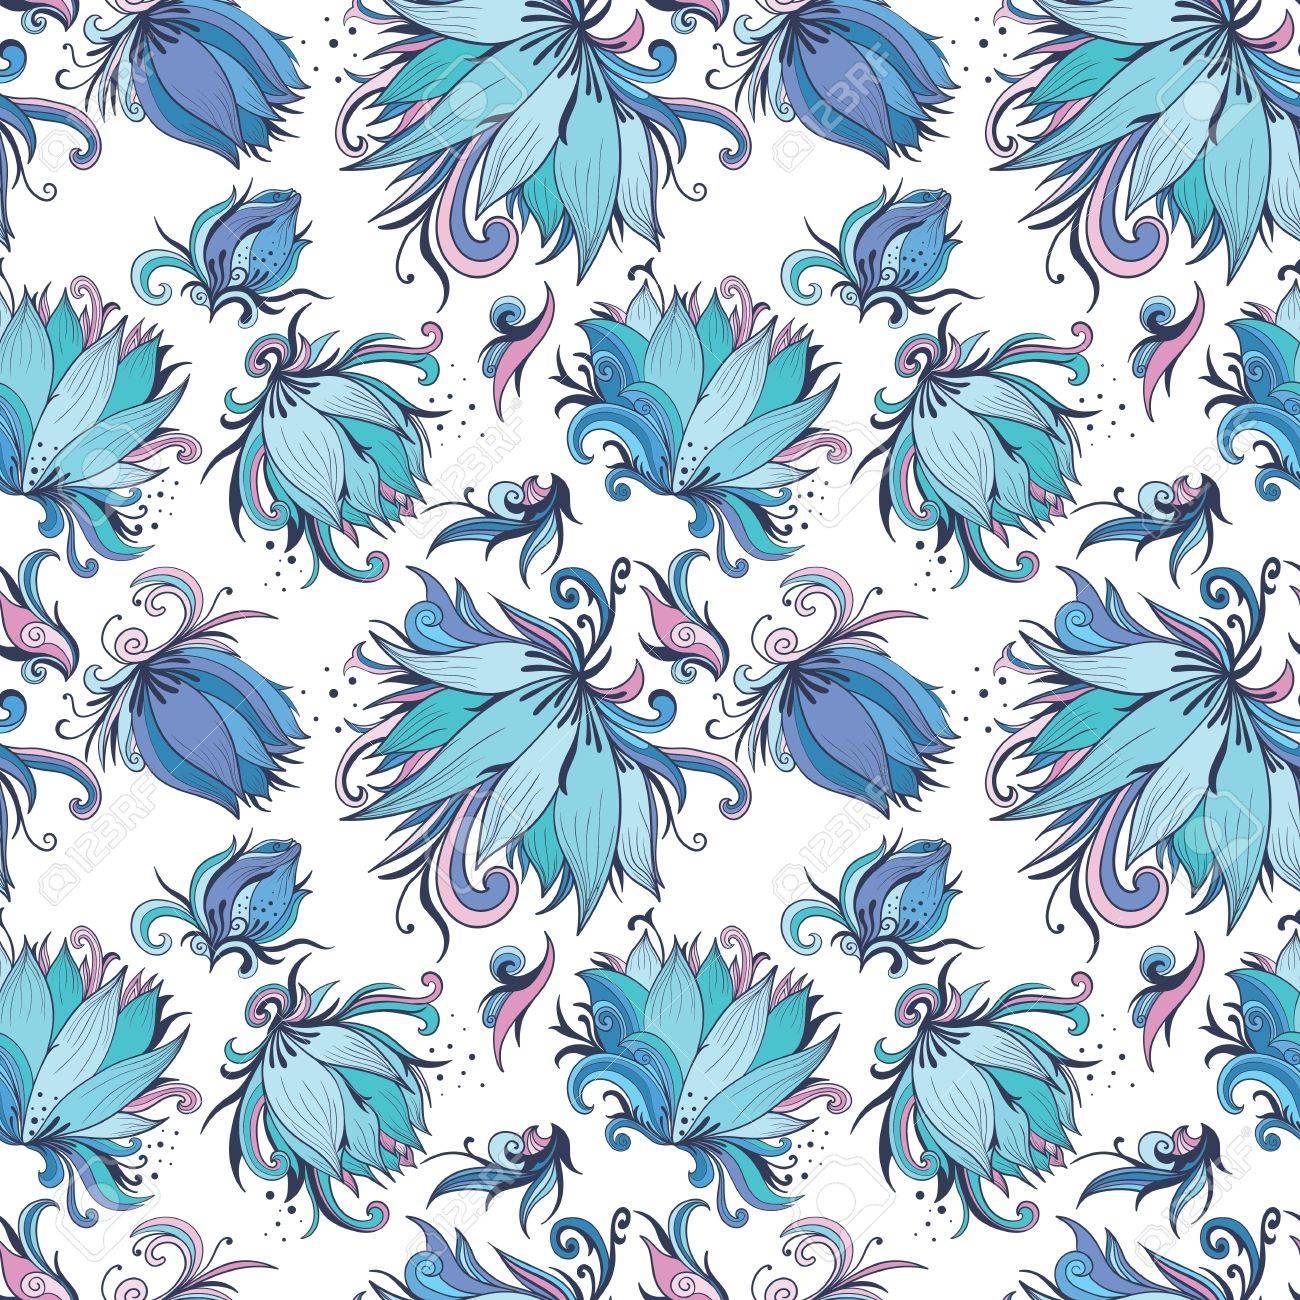 Vector De Fondo Sin Fisuras Con Flores De Lirio Azul Celeste Romantica